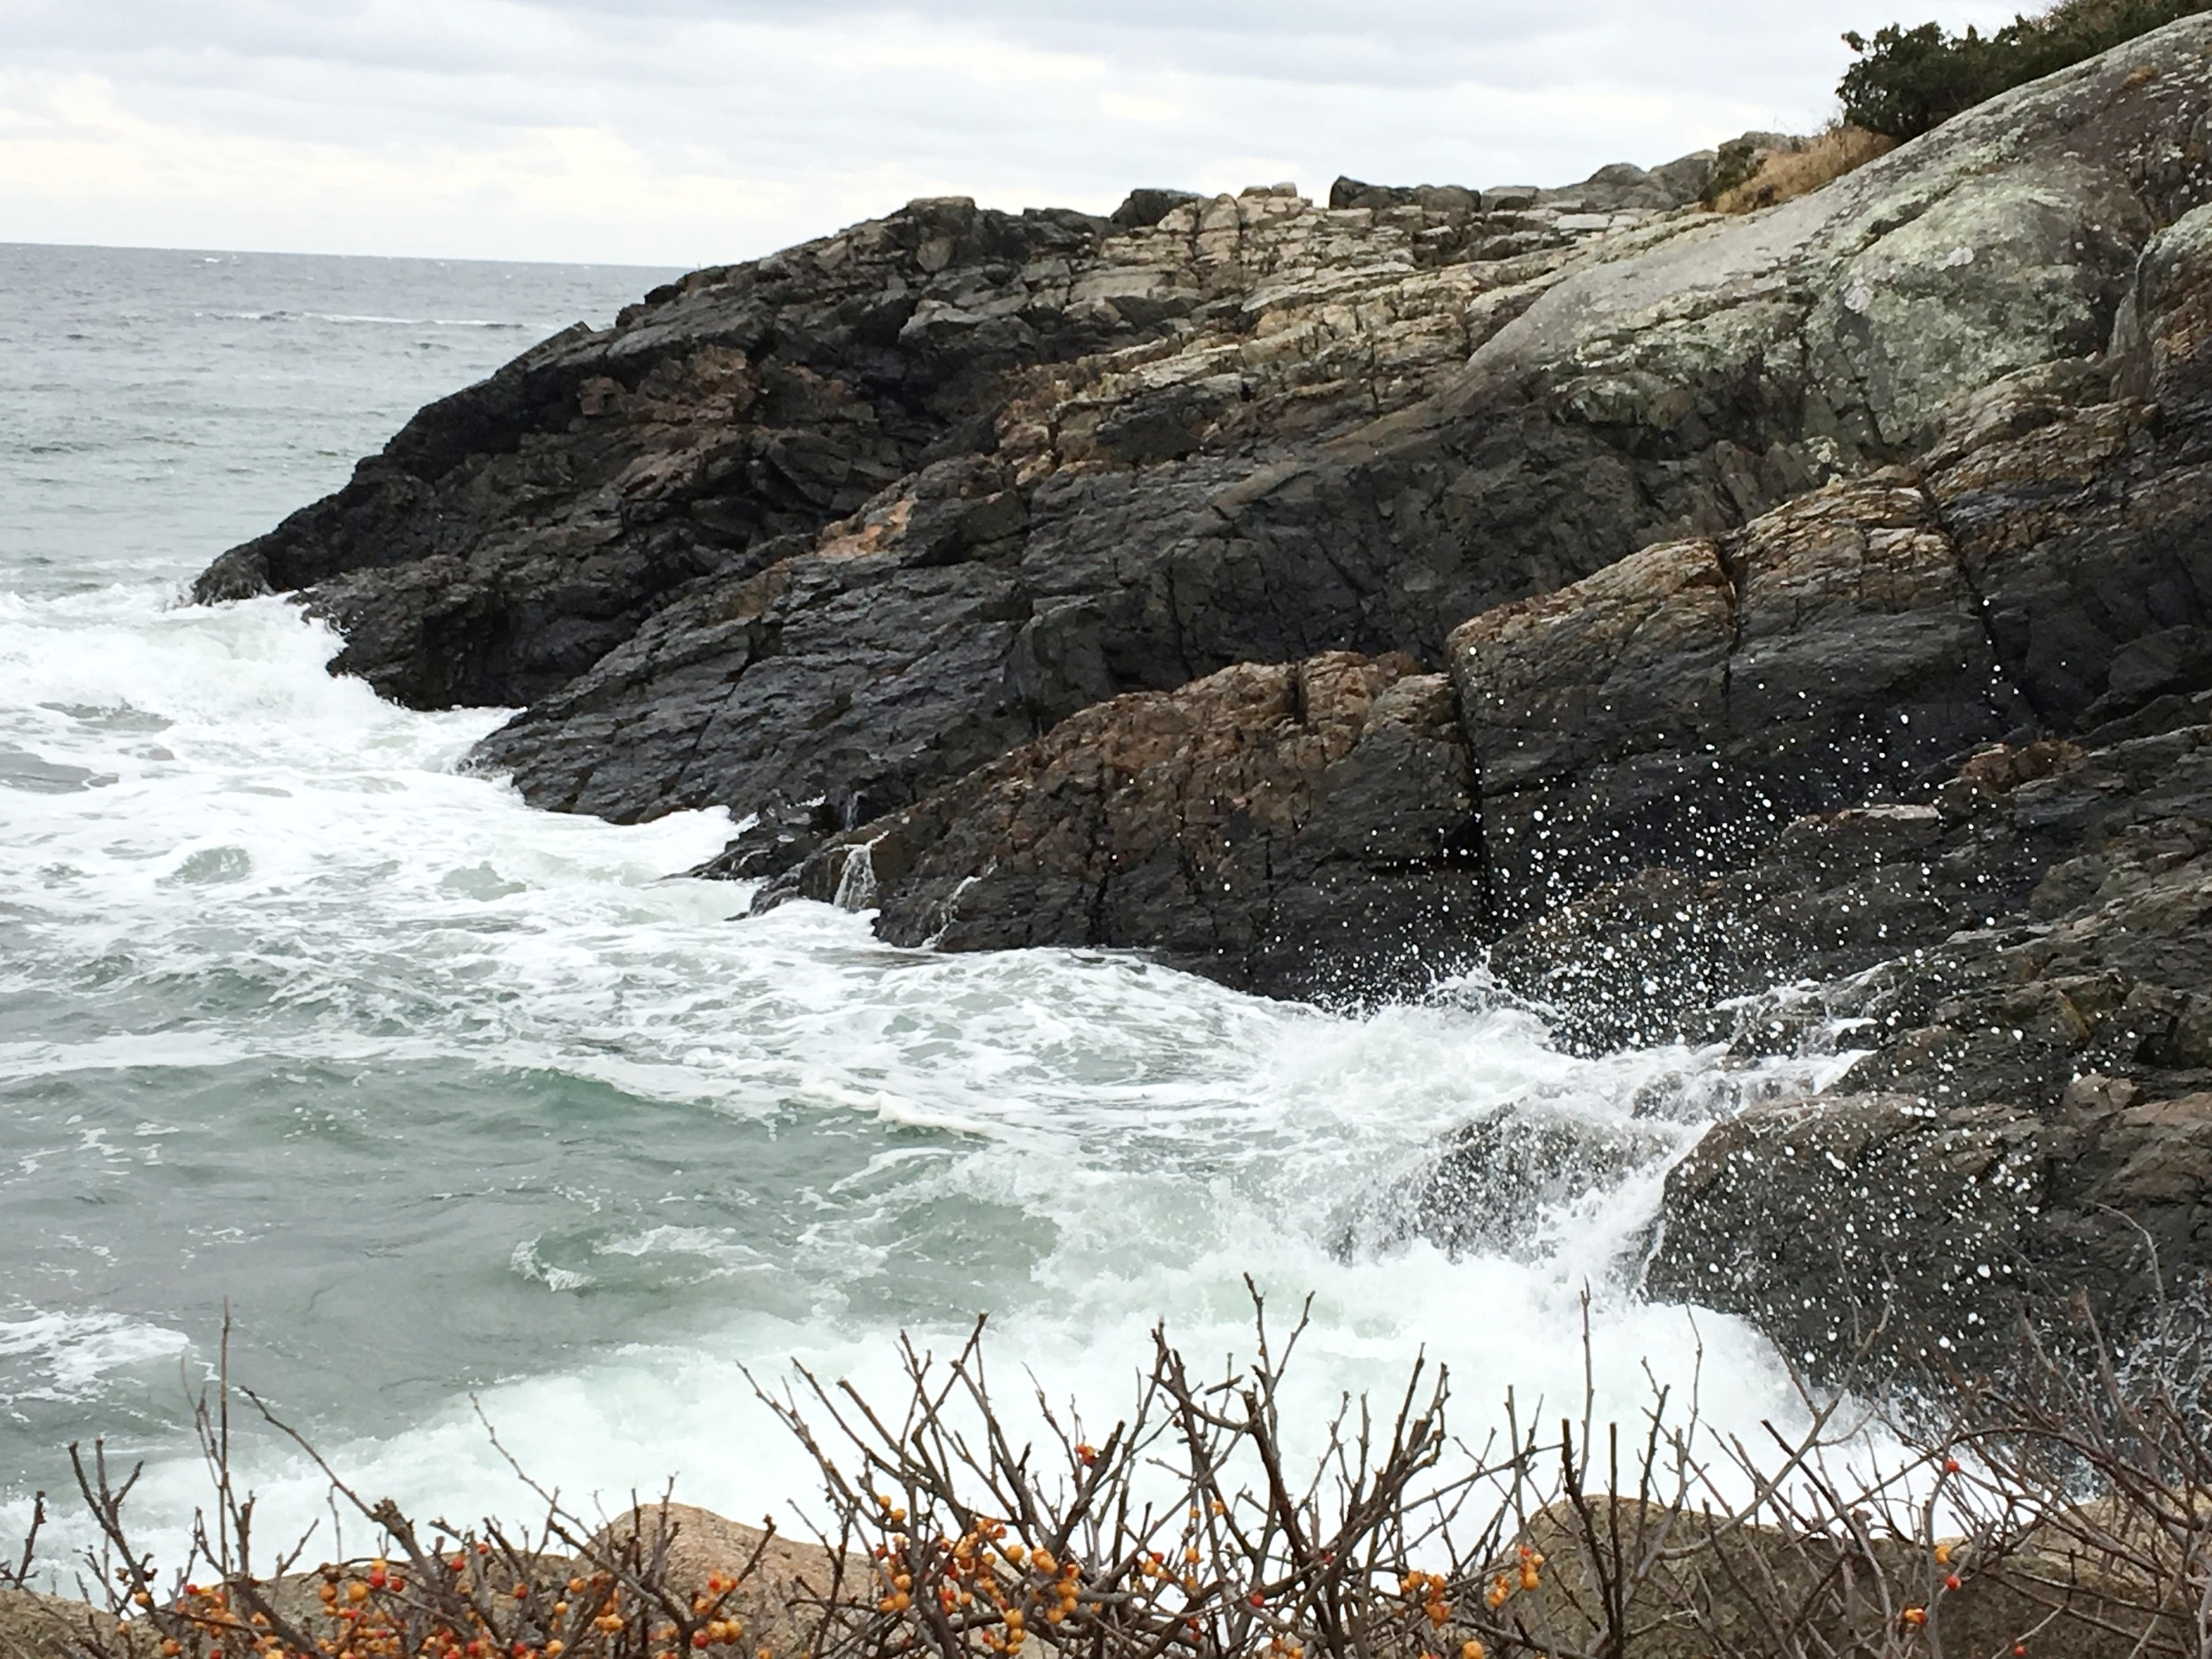 L'état du Maine nous donne un accès facile à la mer à tout moment de l'année. C'est une chance que de pouvoir s'asseoir là et contempler les vagues s'écraser sur les rochers.